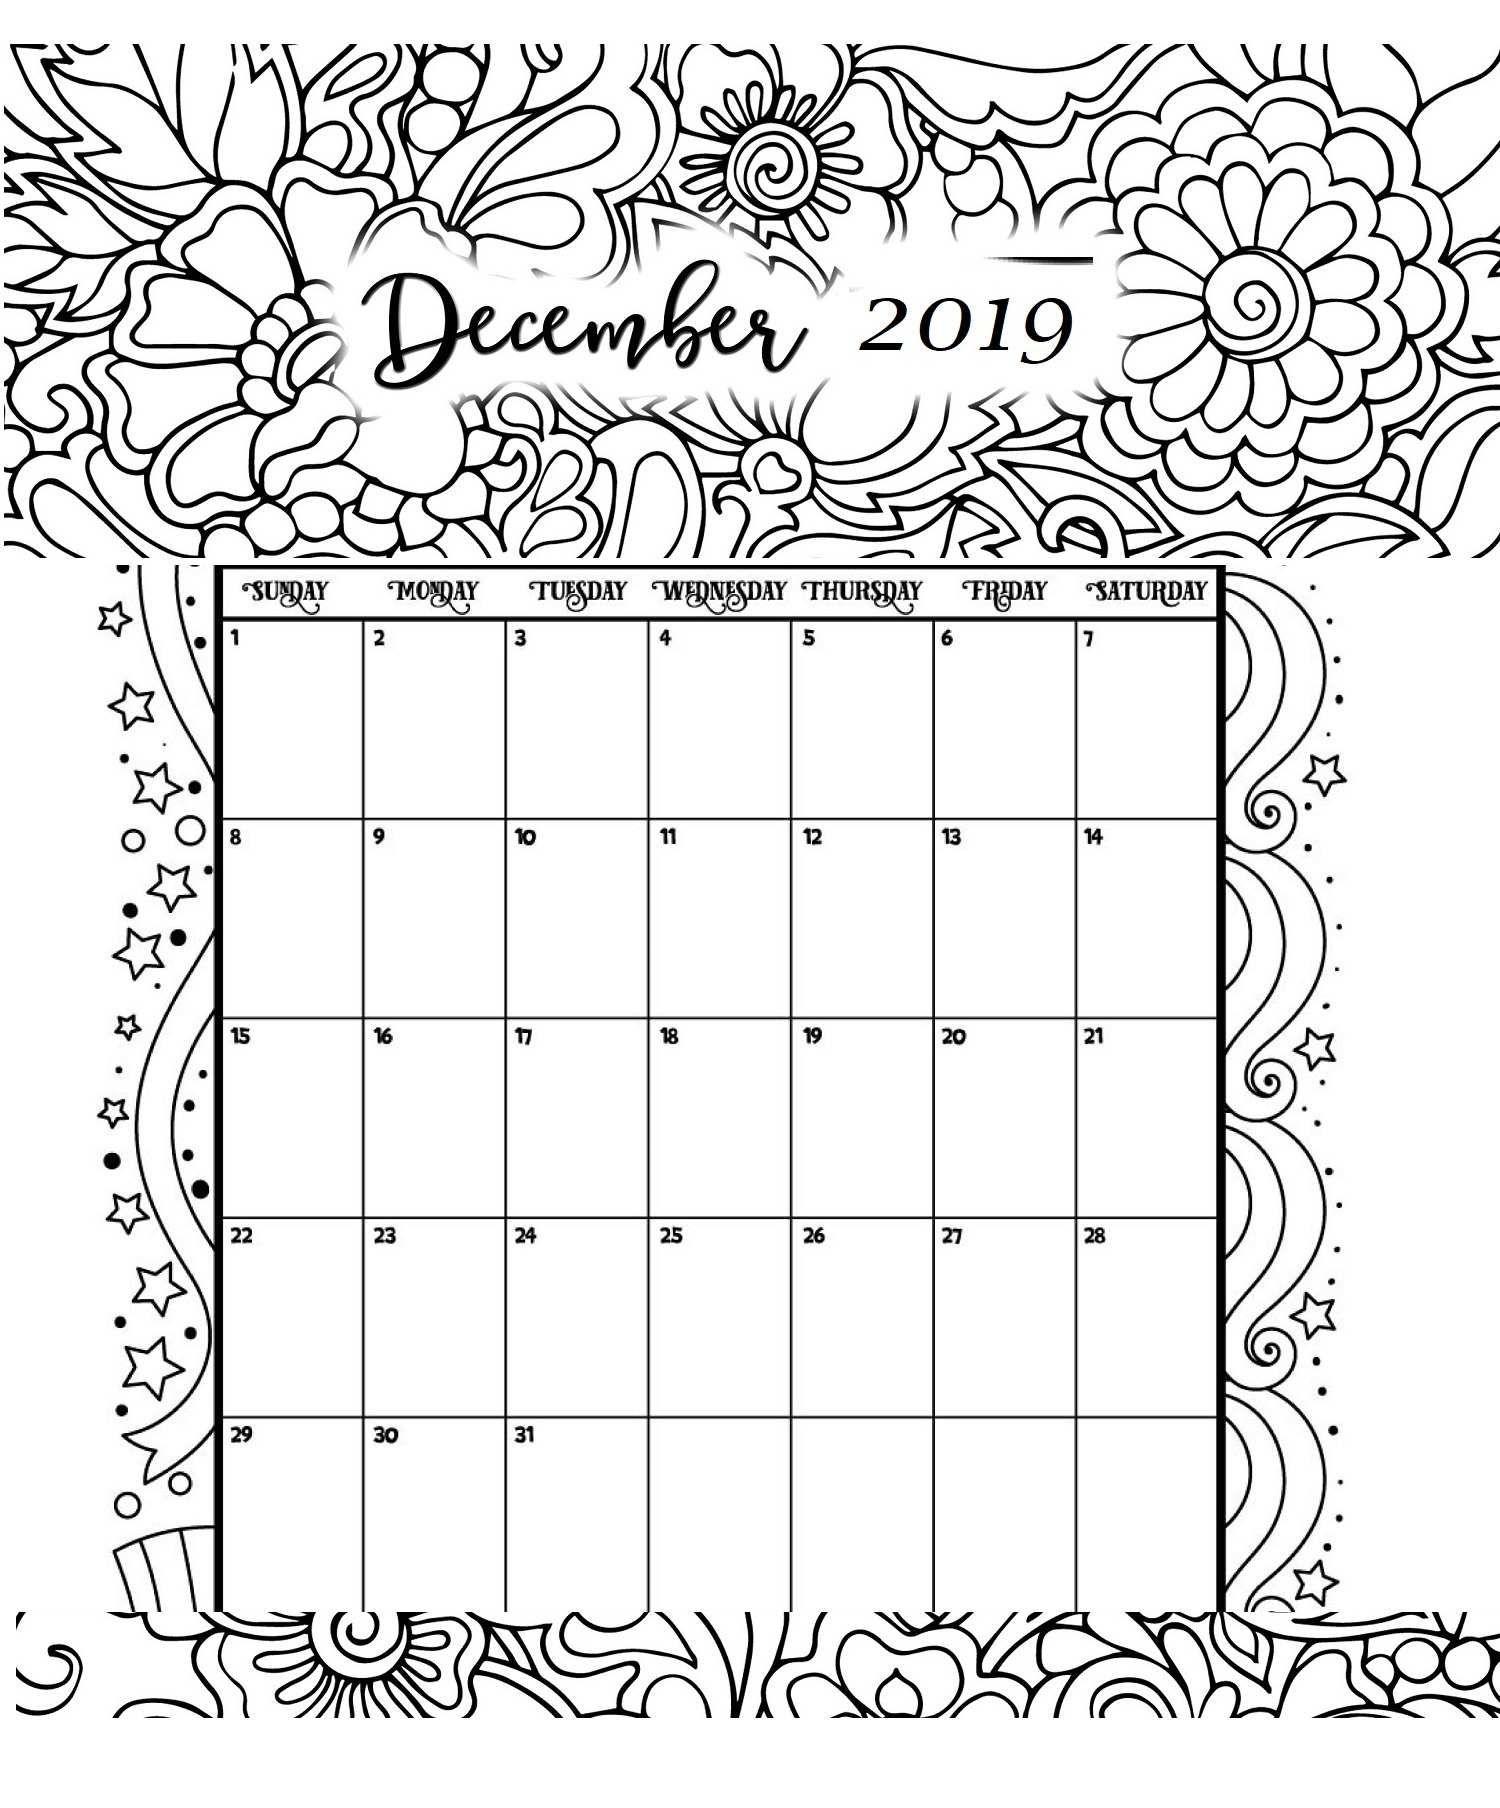 December Printable Coloring Calendar 2019 | Bullet Journal intended for Printable Coloring Calendar 2020